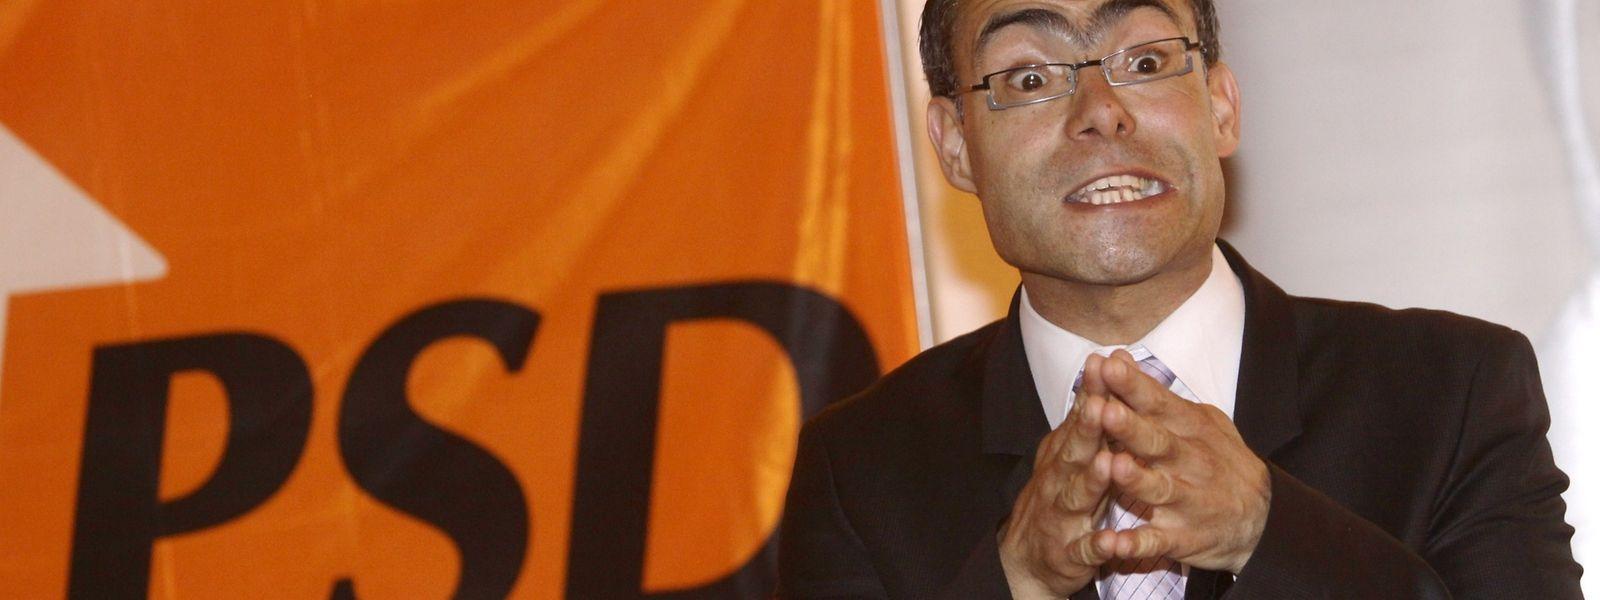 Custódio Portásio foi eleito nas listas da coligação PSD-CDS no concelho de Palmela, nas últimas autárquicas em Portugal.